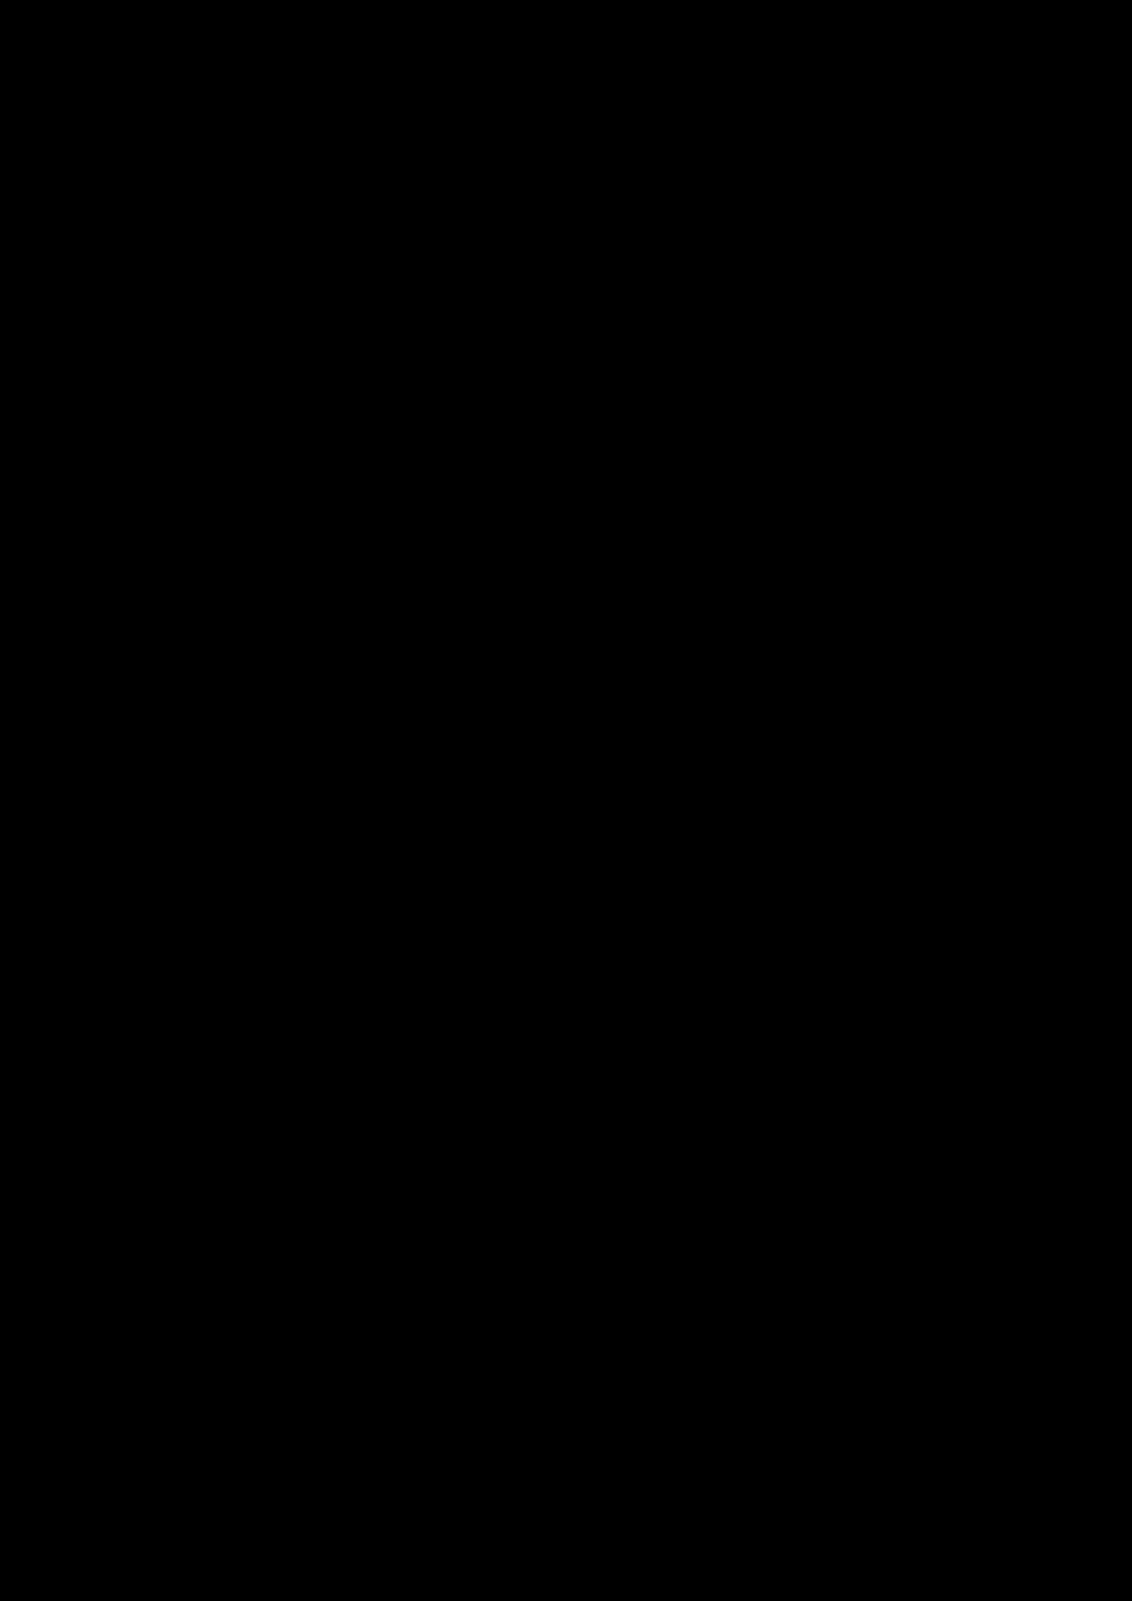 Proschanie s volshebnoy stranoy slide, Image 67